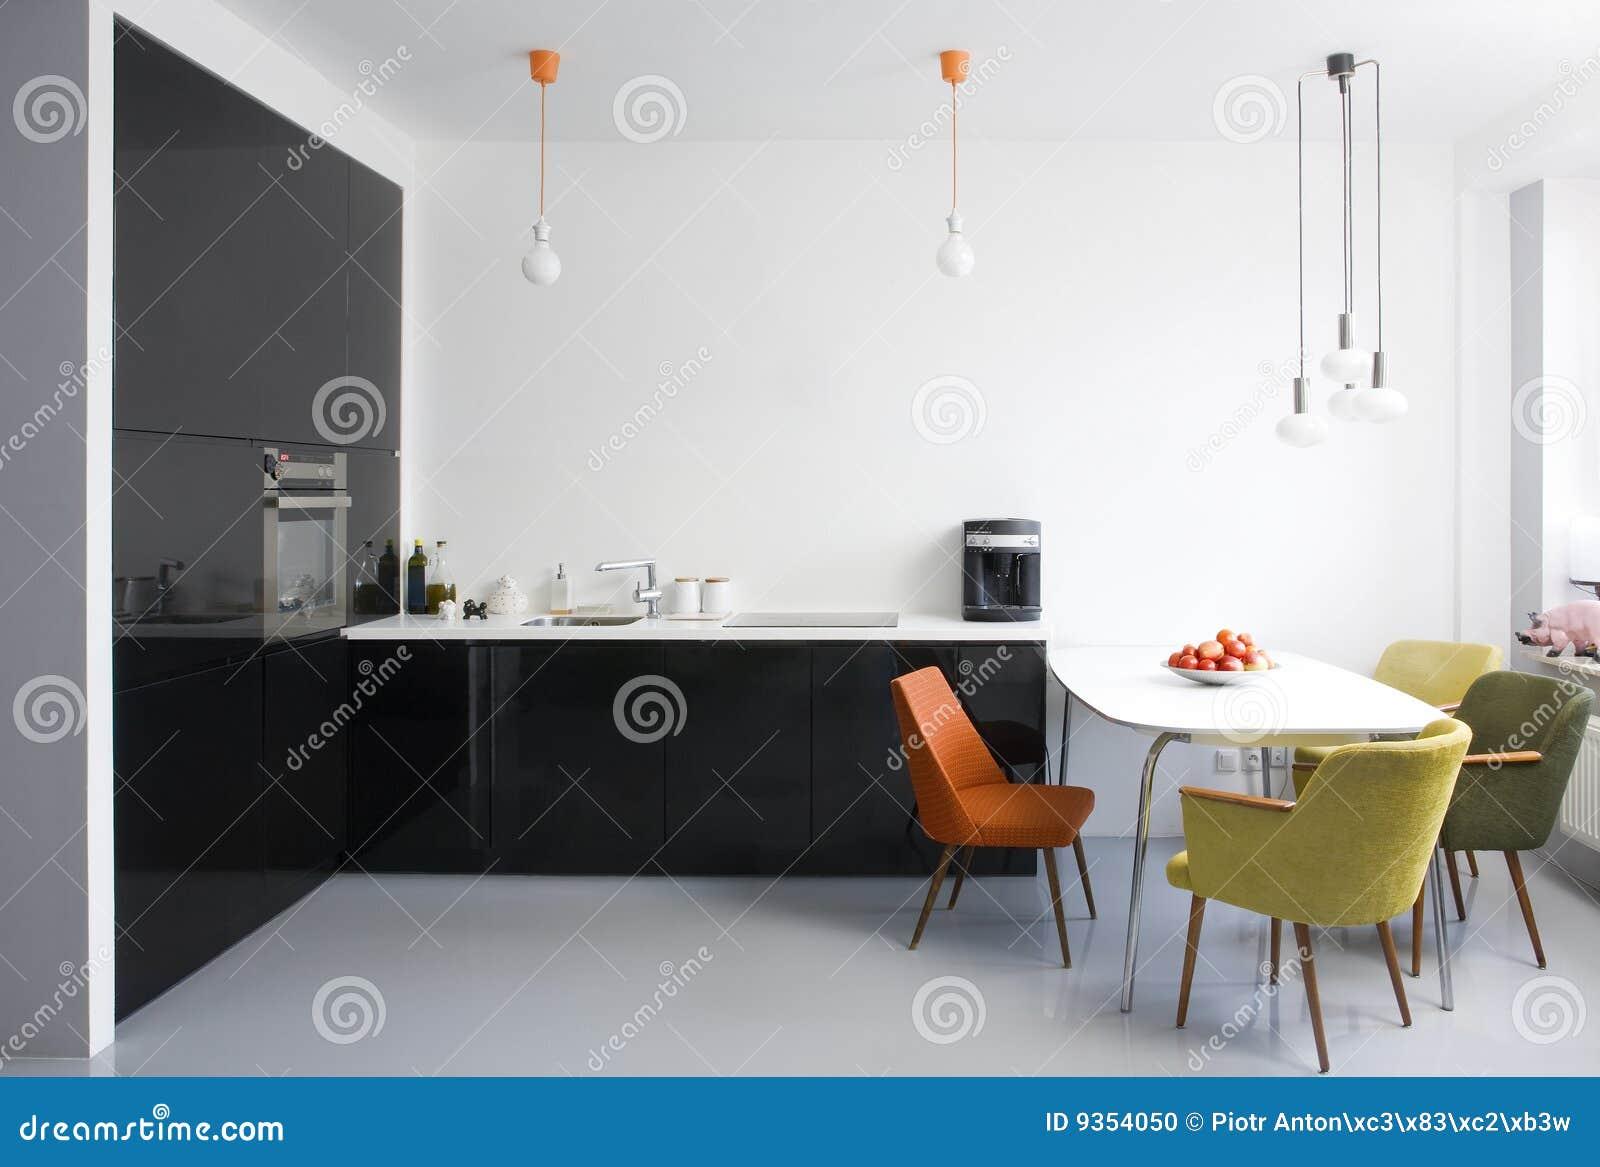 Modernes Esszimmer und Küche